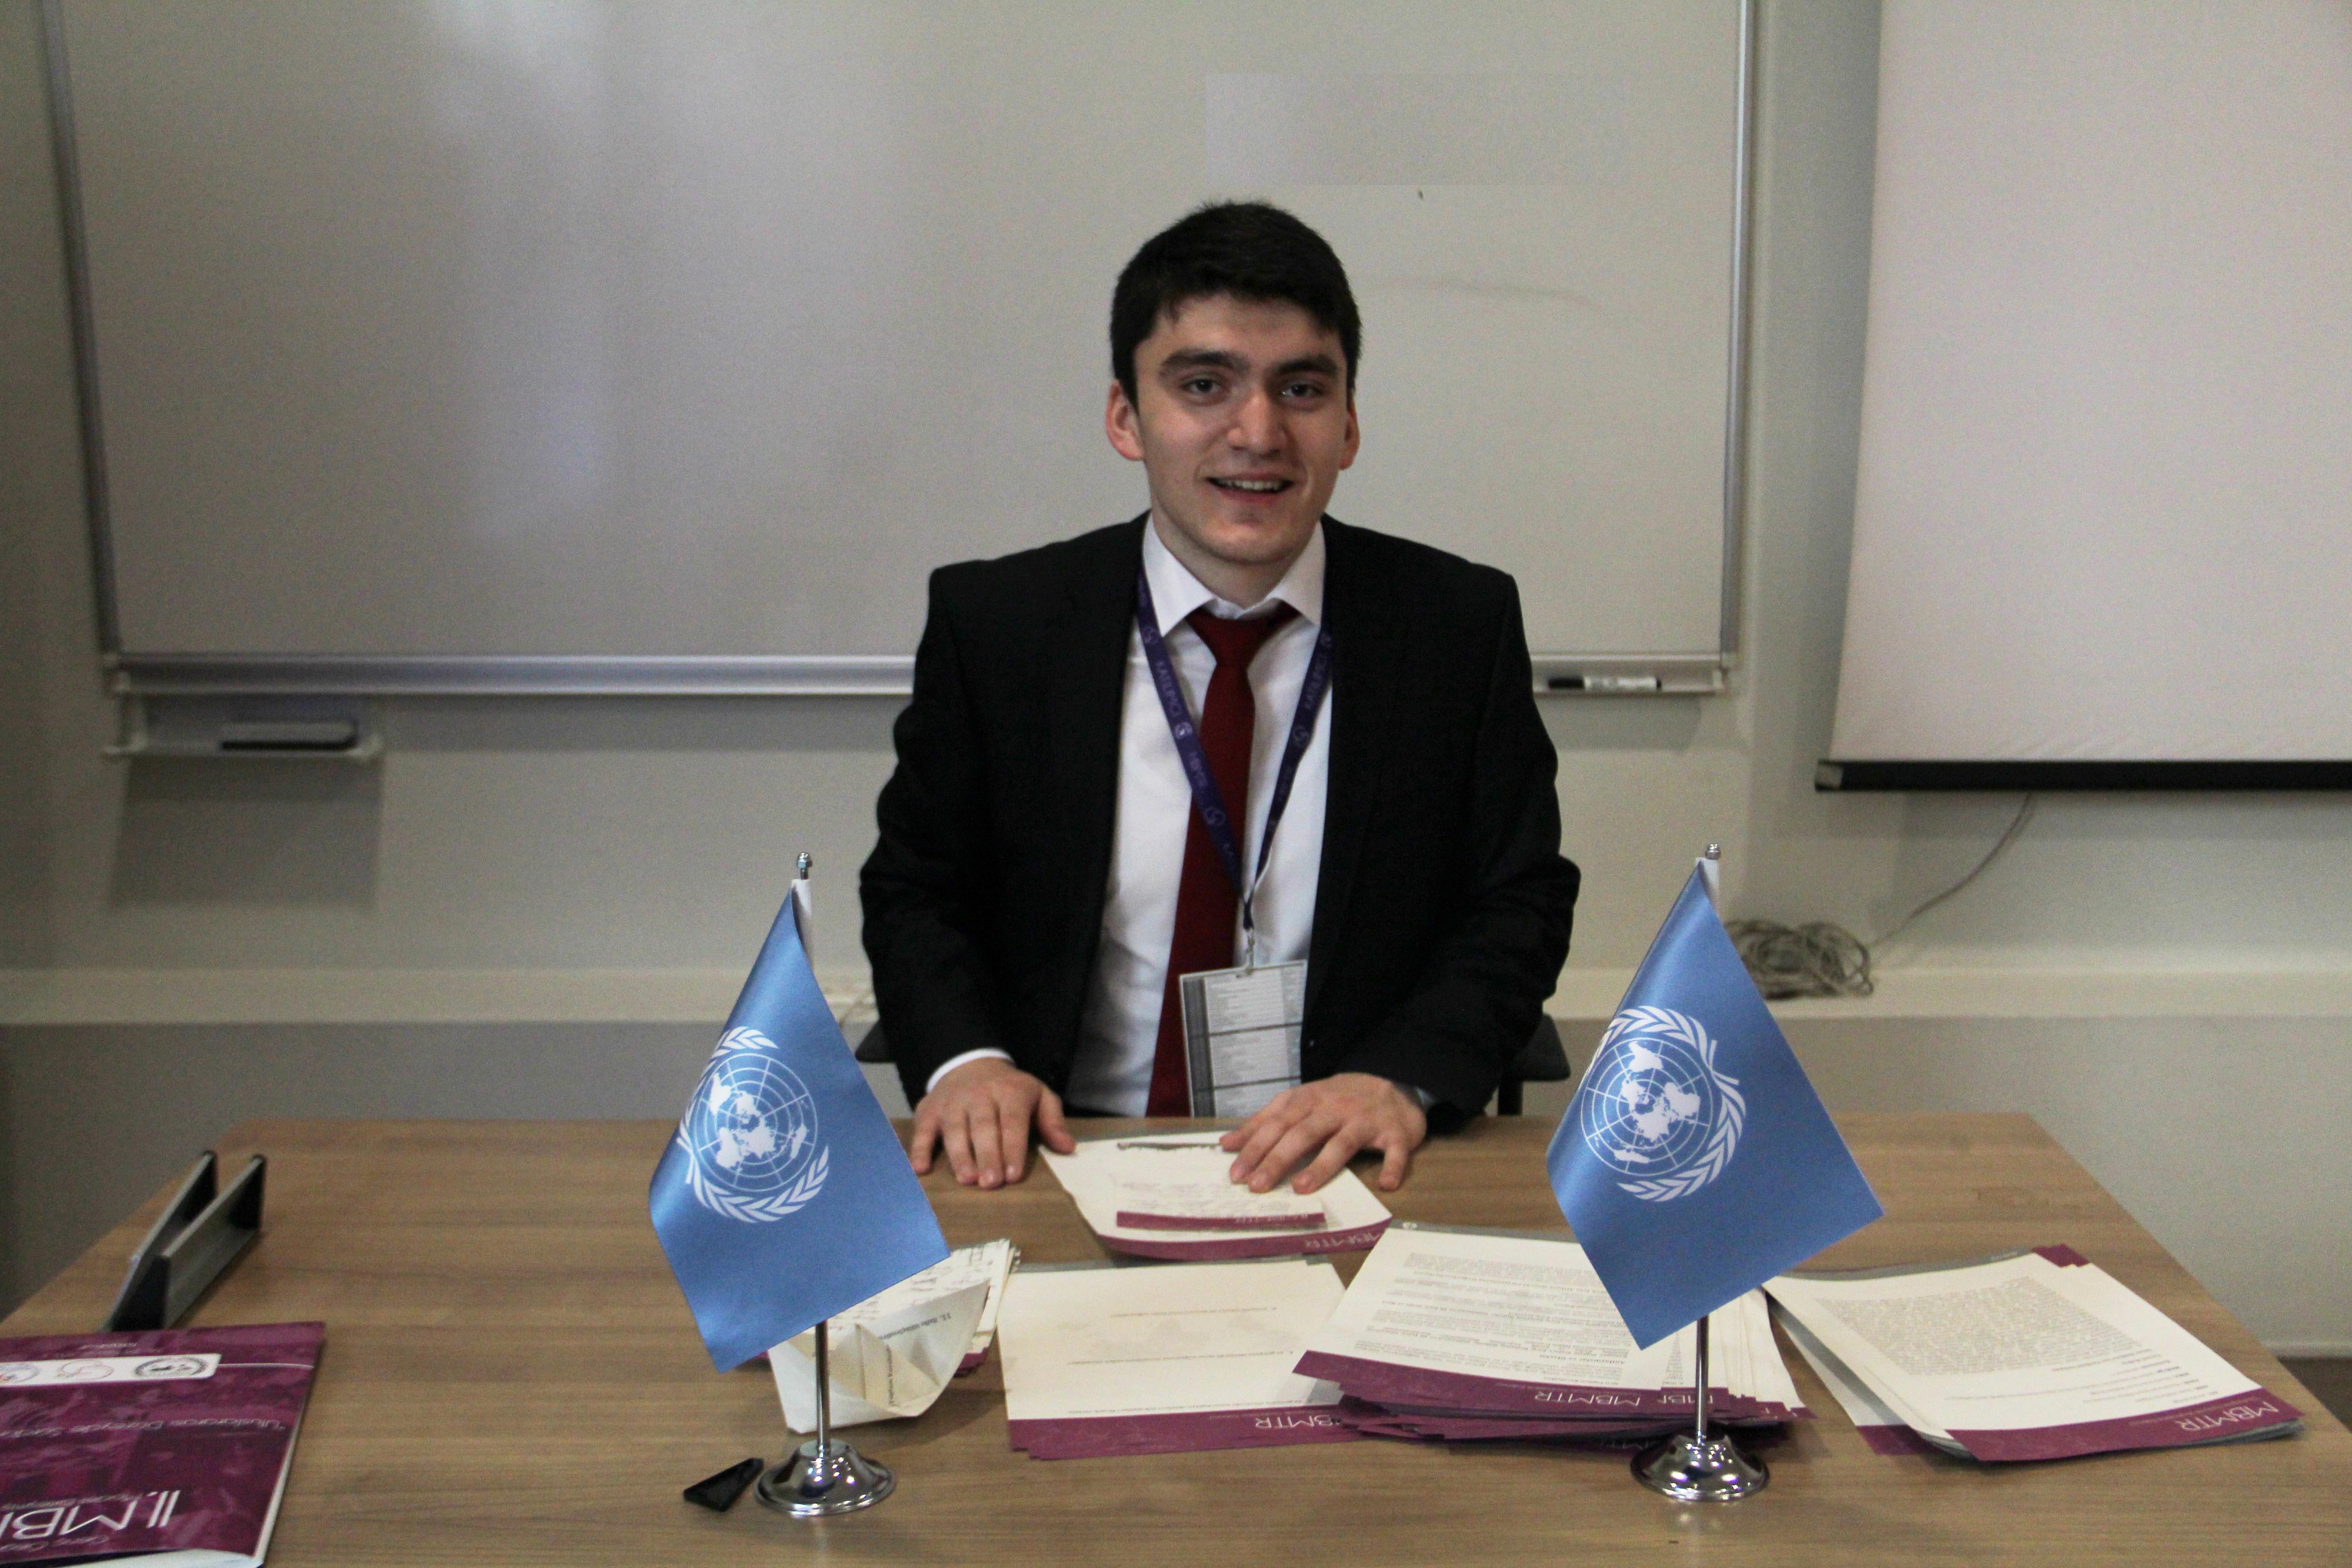 3.Model Birleşmiş Milletler Türkiye Konferansı gerçekleşti.